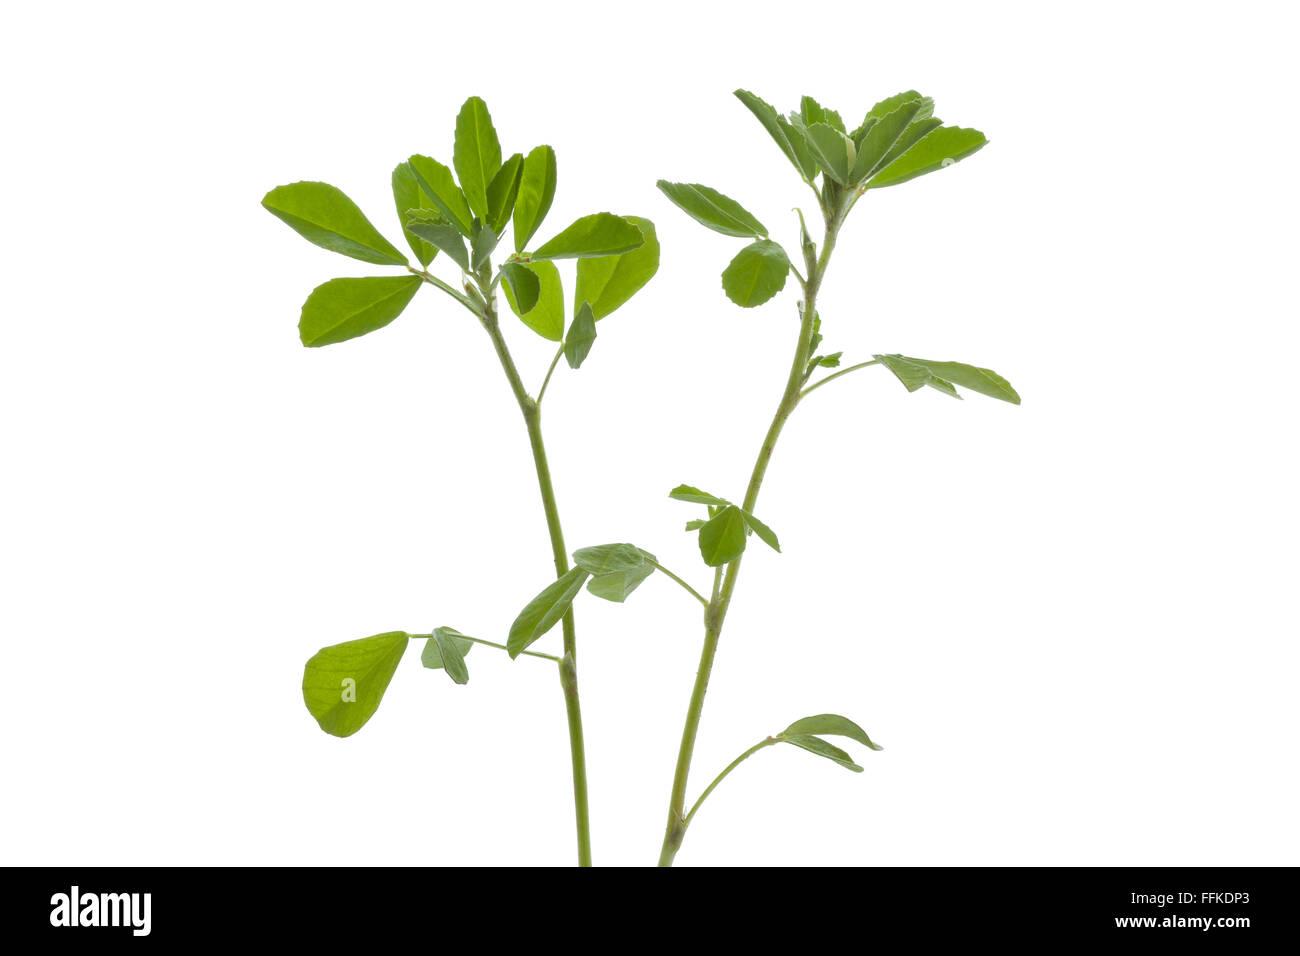 Twig of Fenugreek on white background - Stock Image